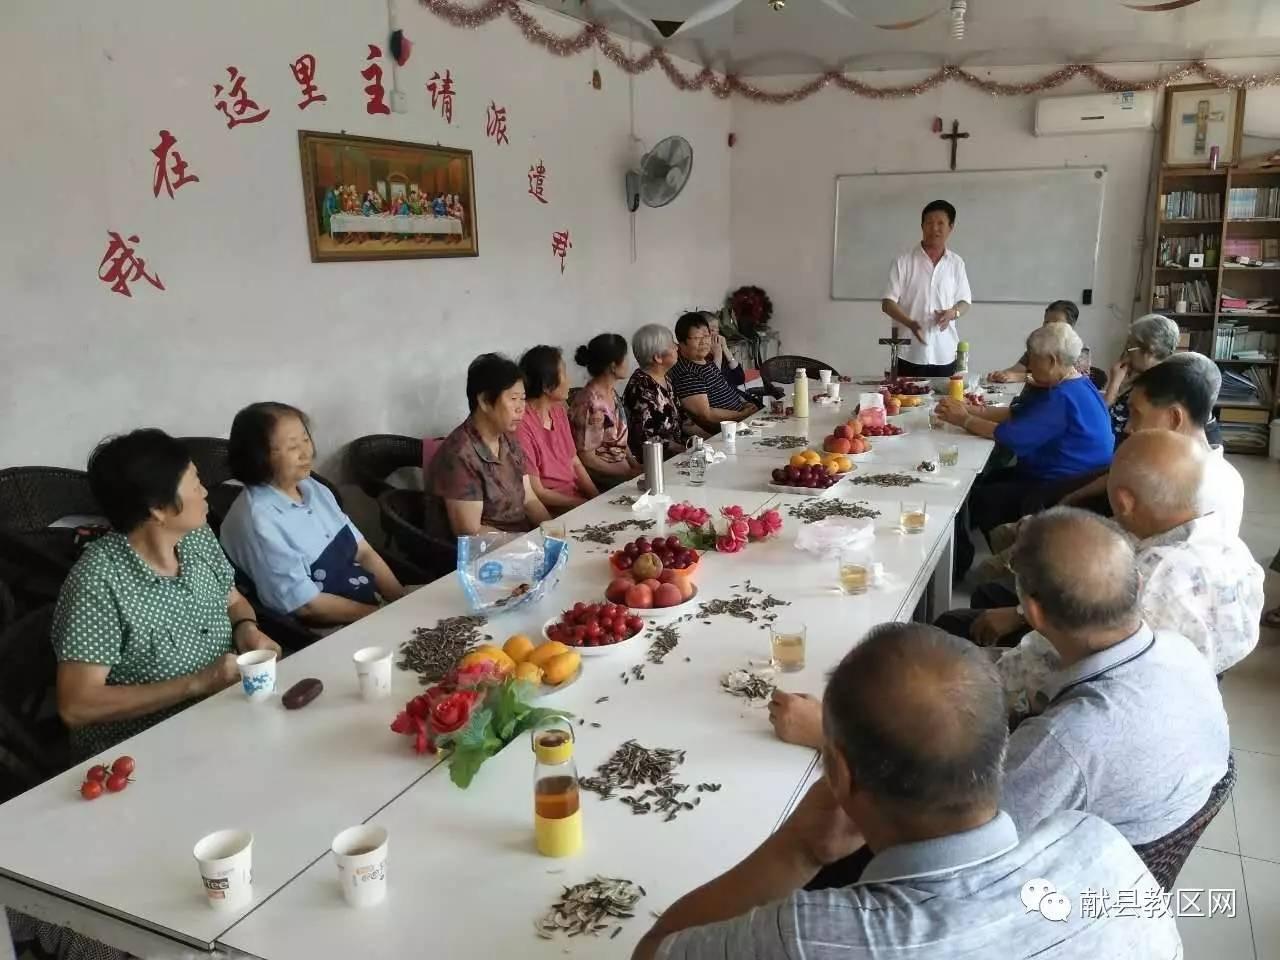 燕郊堂区举行老年人聚会